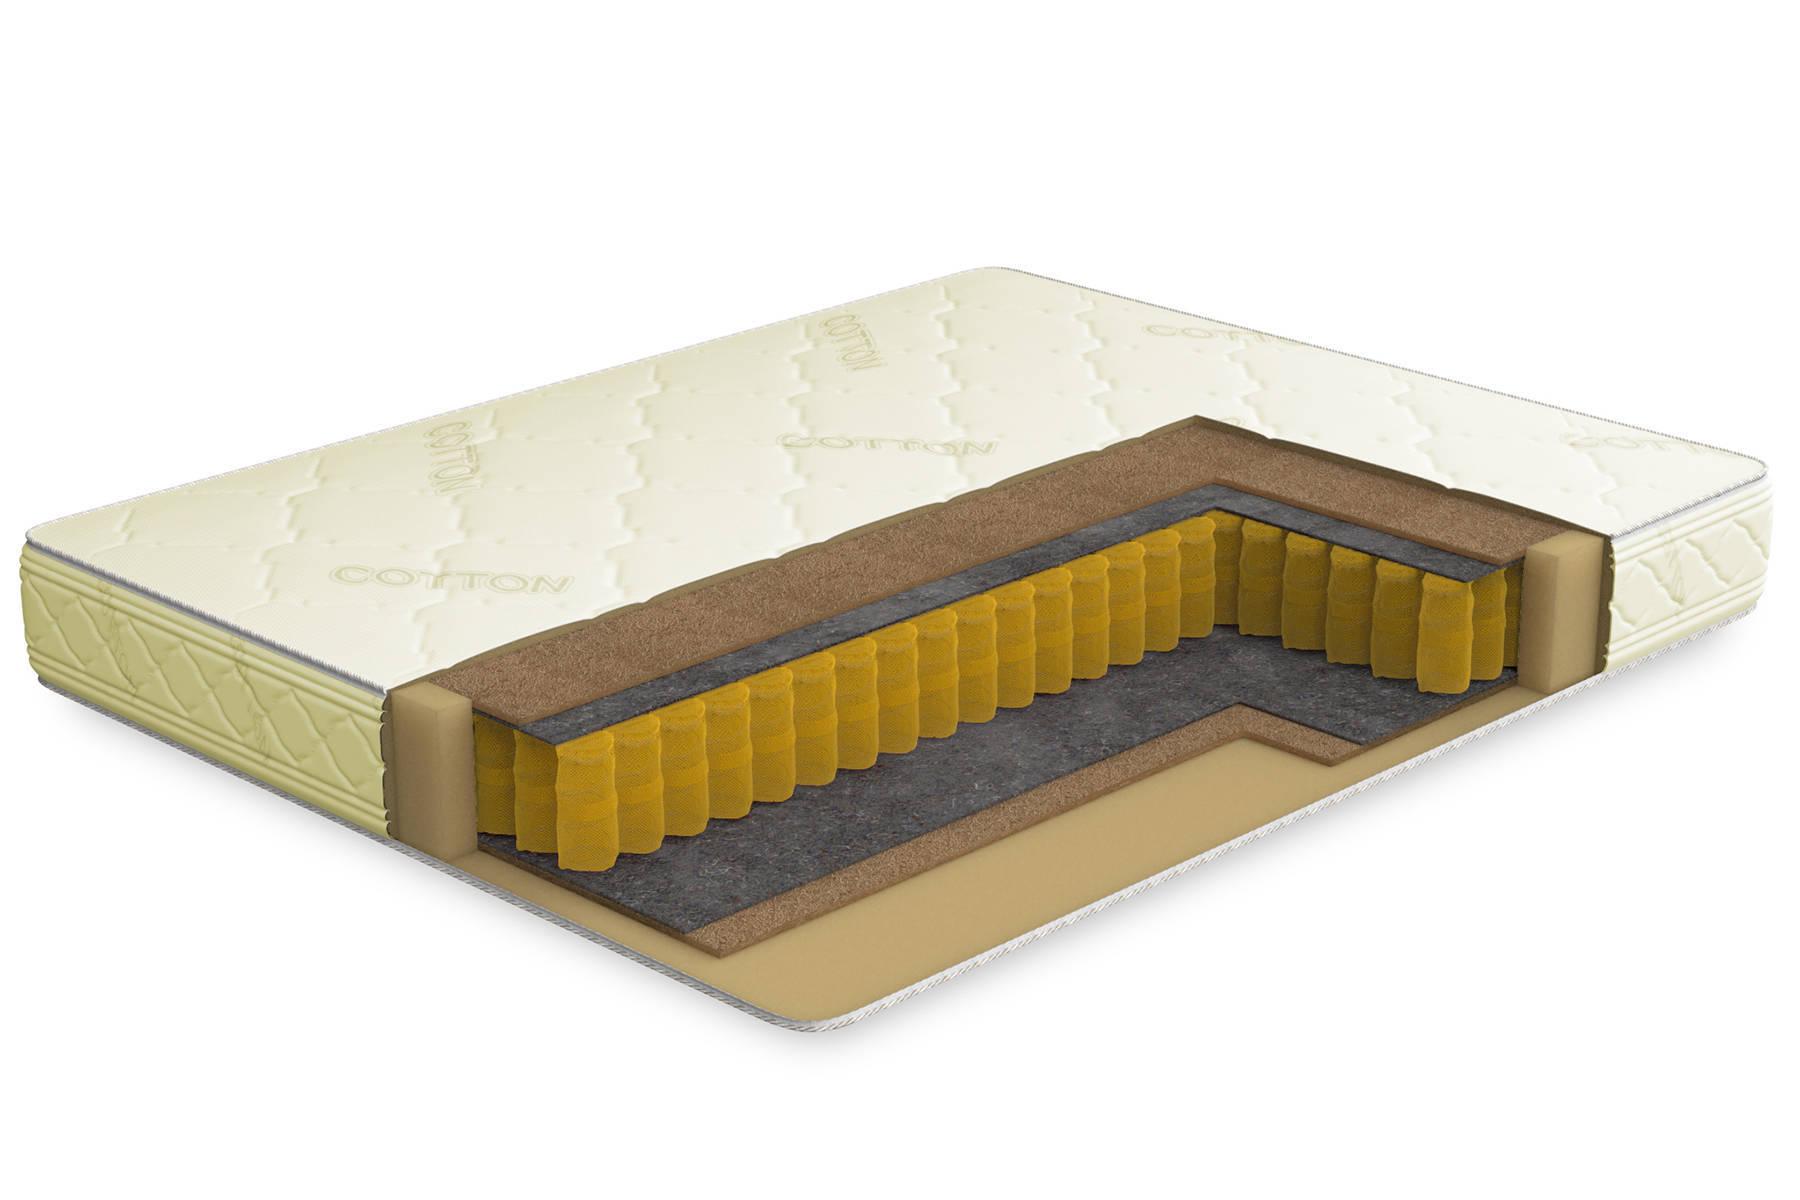 асм мебель екатеринбург каталог цены диваны 2015 кровати